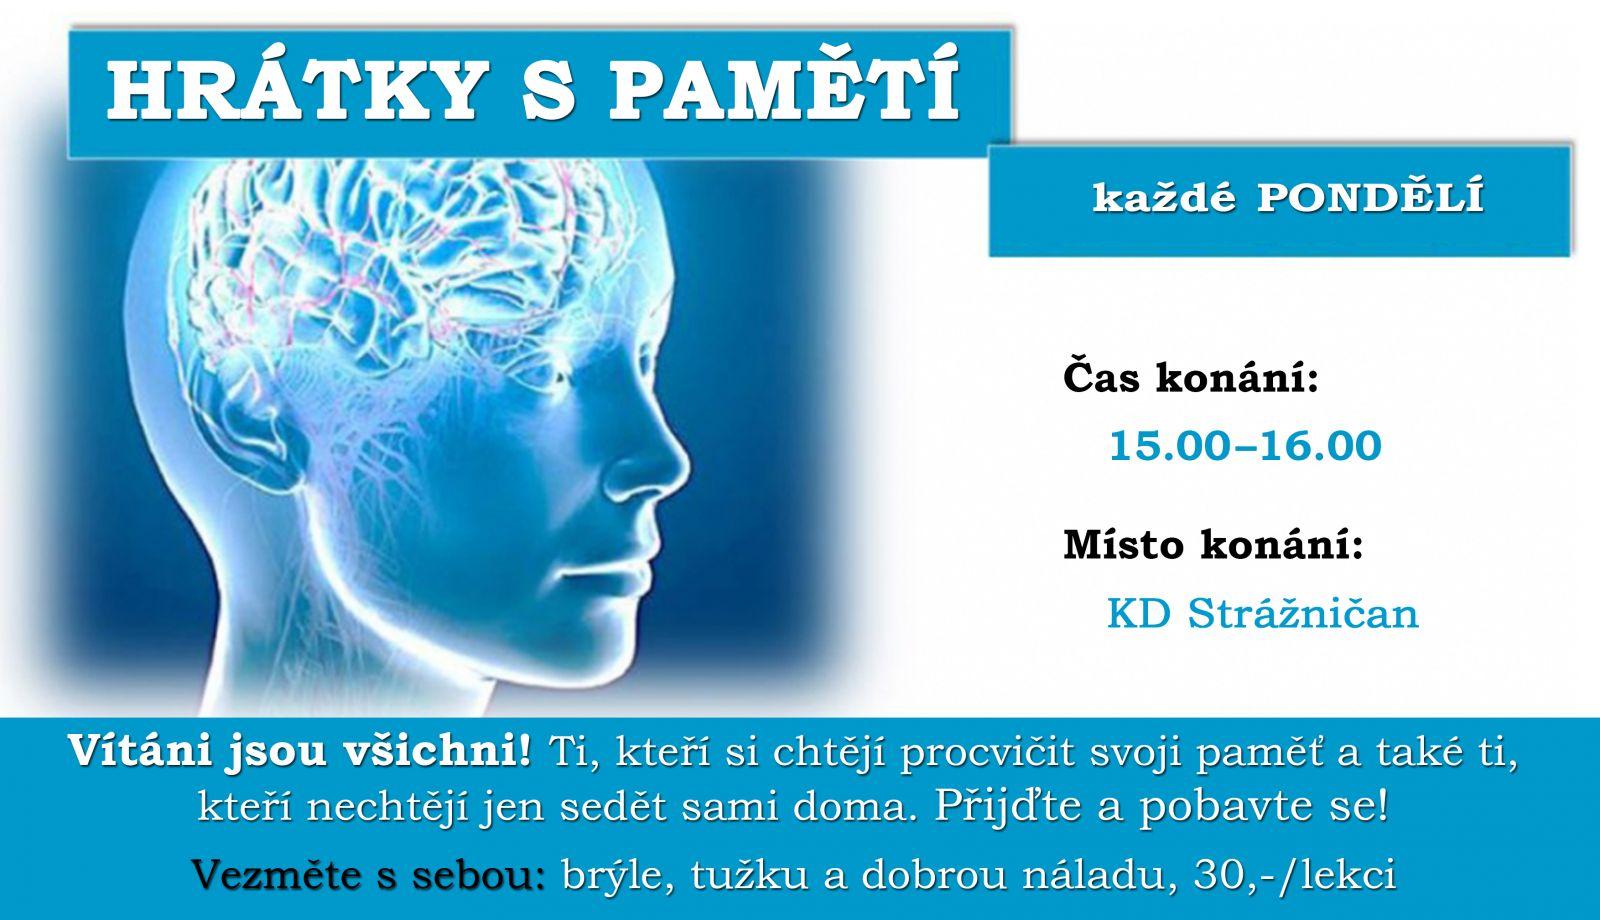 Hrátky s pamětí, pondělí 15.00 - 16.00